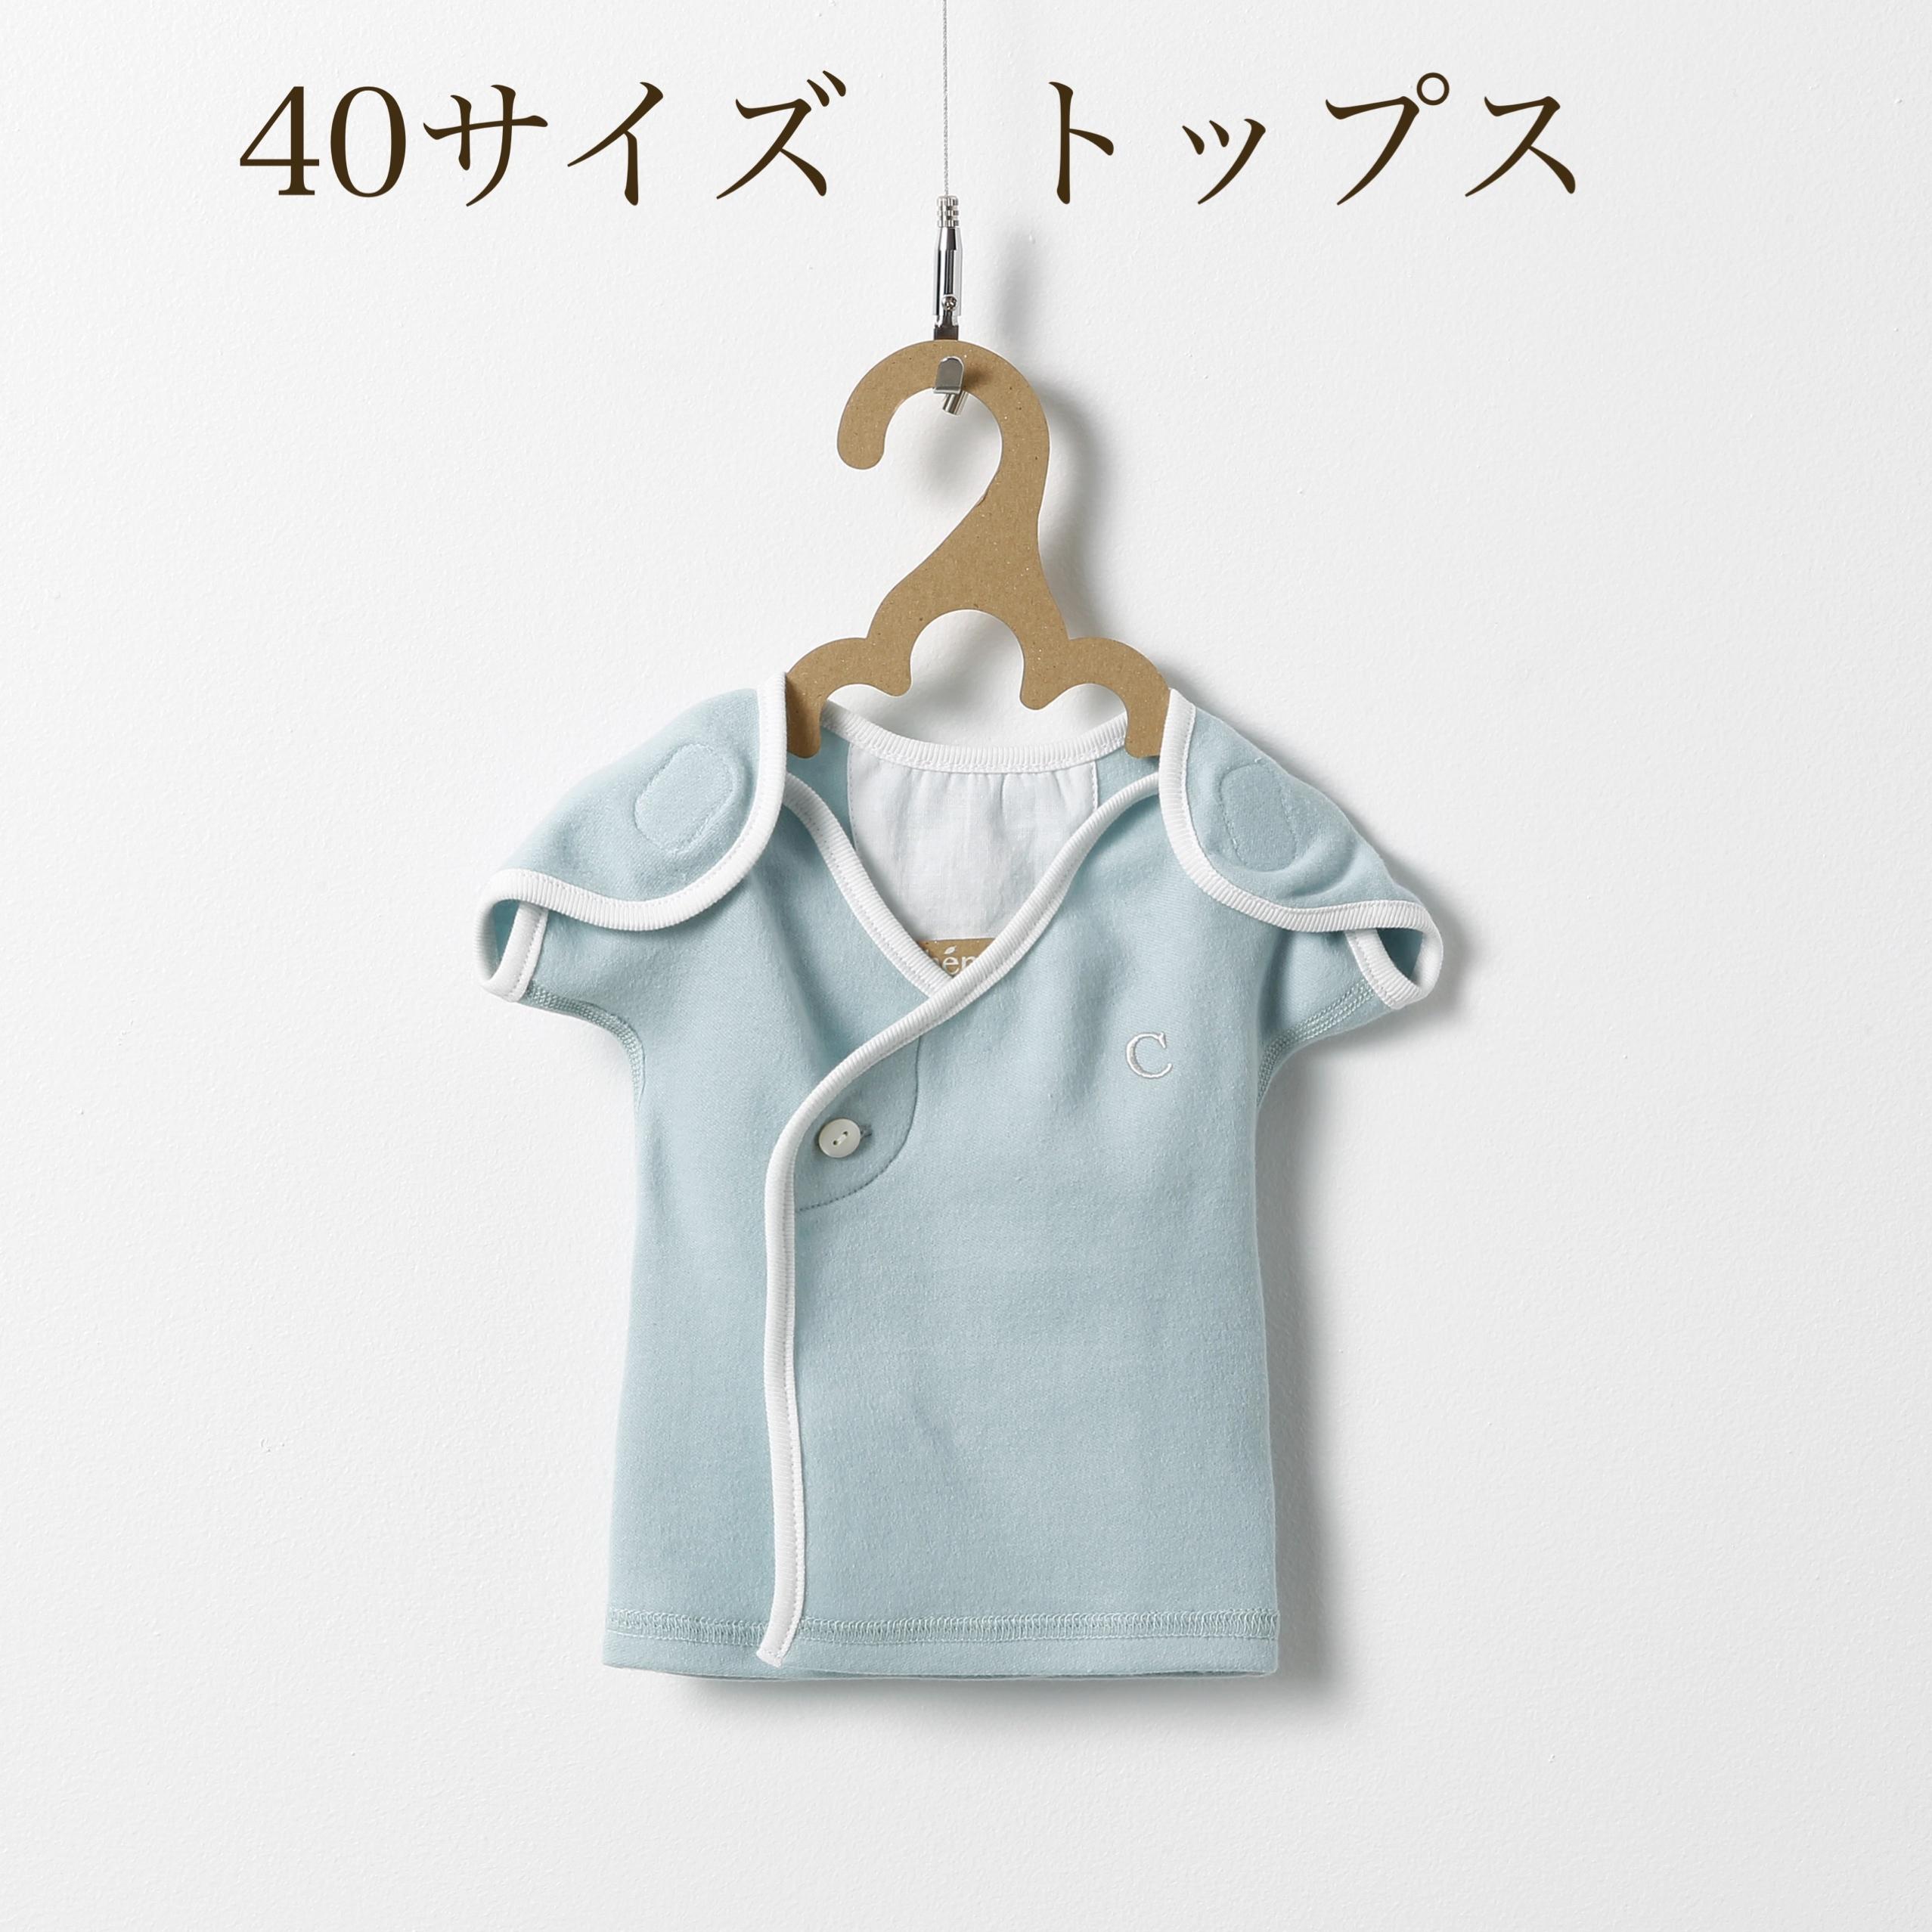 【ベビー服】*セミオーダー*色が選べる背守りシリーズ/新生児用ベビーウェア/TOPS40/サイズ(低出生児からのサイズ展開)